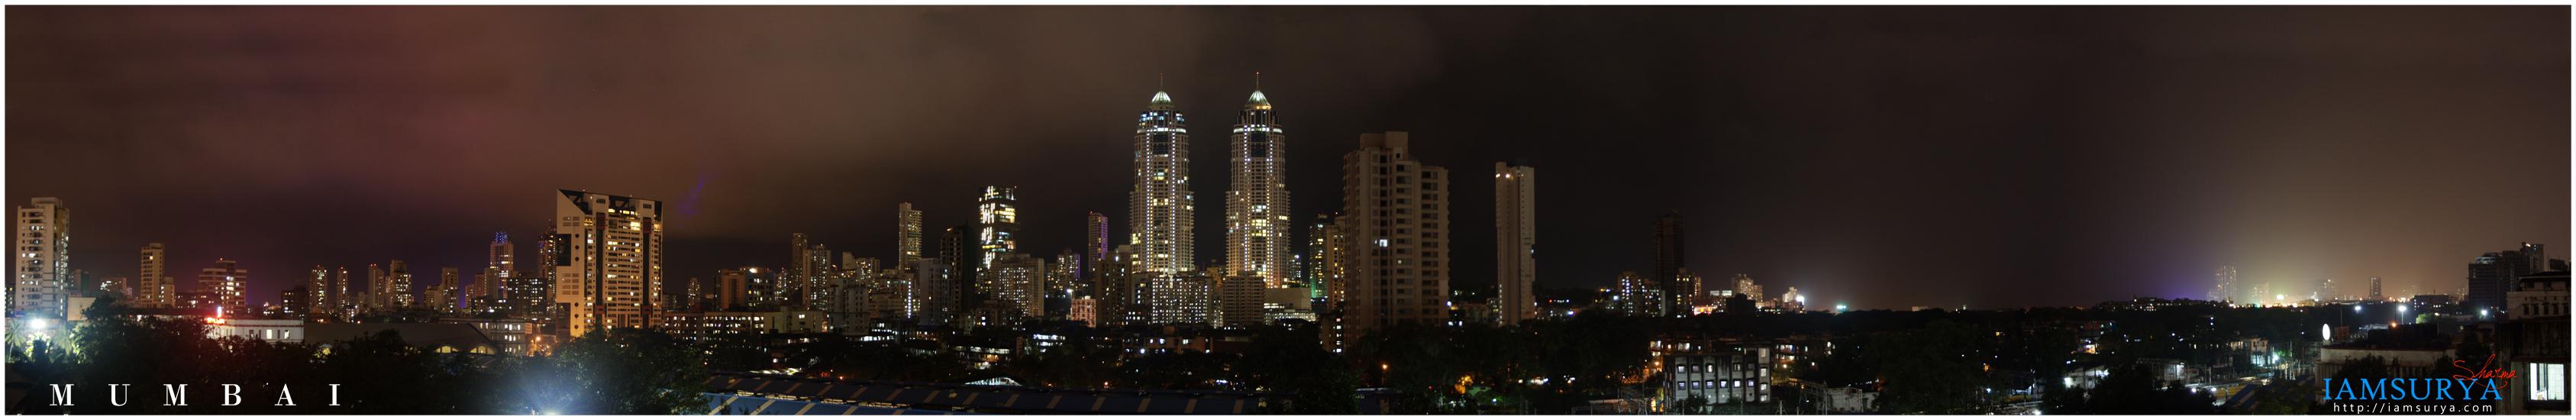 Mumbai 2 by cyberoidx